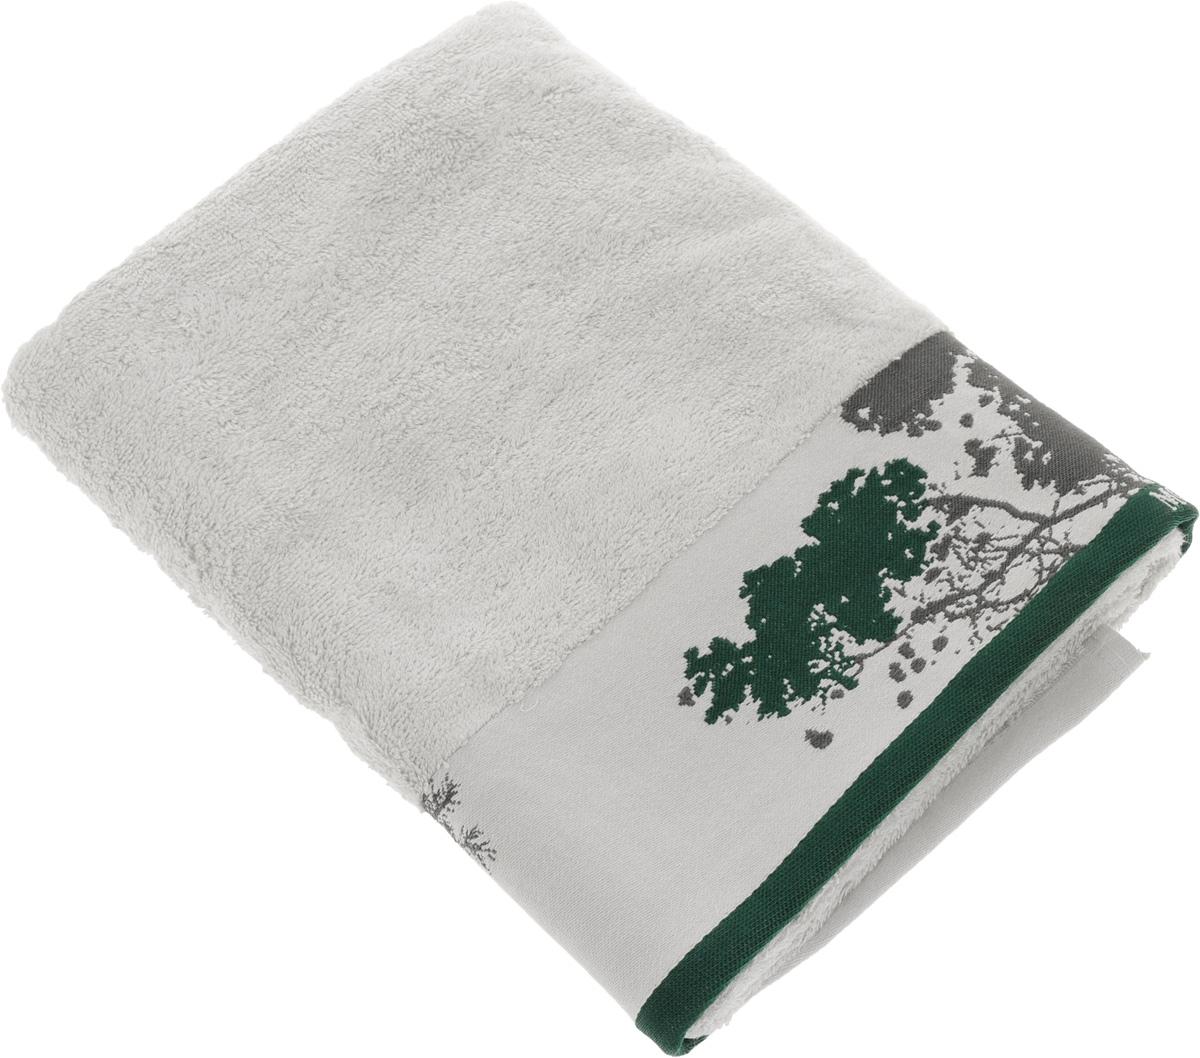 Полотенце Mona Liza Nature, цвет: светло-серый, зеленый, 70 х 140 смKOC_SOL249_G4Мягкое полотенце Nature изготовлено из 30% хлопка и 70% бамбукового волокна. Полотенце Nature с жаккардовым бордюром обладает высокой впитывающей способностью и сочетает в себе элегантную роскошь и практичность. Благодаря высокому качеству изготовления, полотенце будет радовать вас многие годы. Мотивы коллекции Mona Liza Premium bu Serg Look навеяны итальянскими фресками эпохи Ренессанса, периода удивительной гармонии в искусстве. В представленной коллекции для нанесения на ткань рисунка применяется многоцветная печать, метод реактивного крашения, который позволяет создать уникальную цветовую гамму, напоминающую старинные фрески. Этот метод также обеспечивает высокую устойчивость краски при стирке.